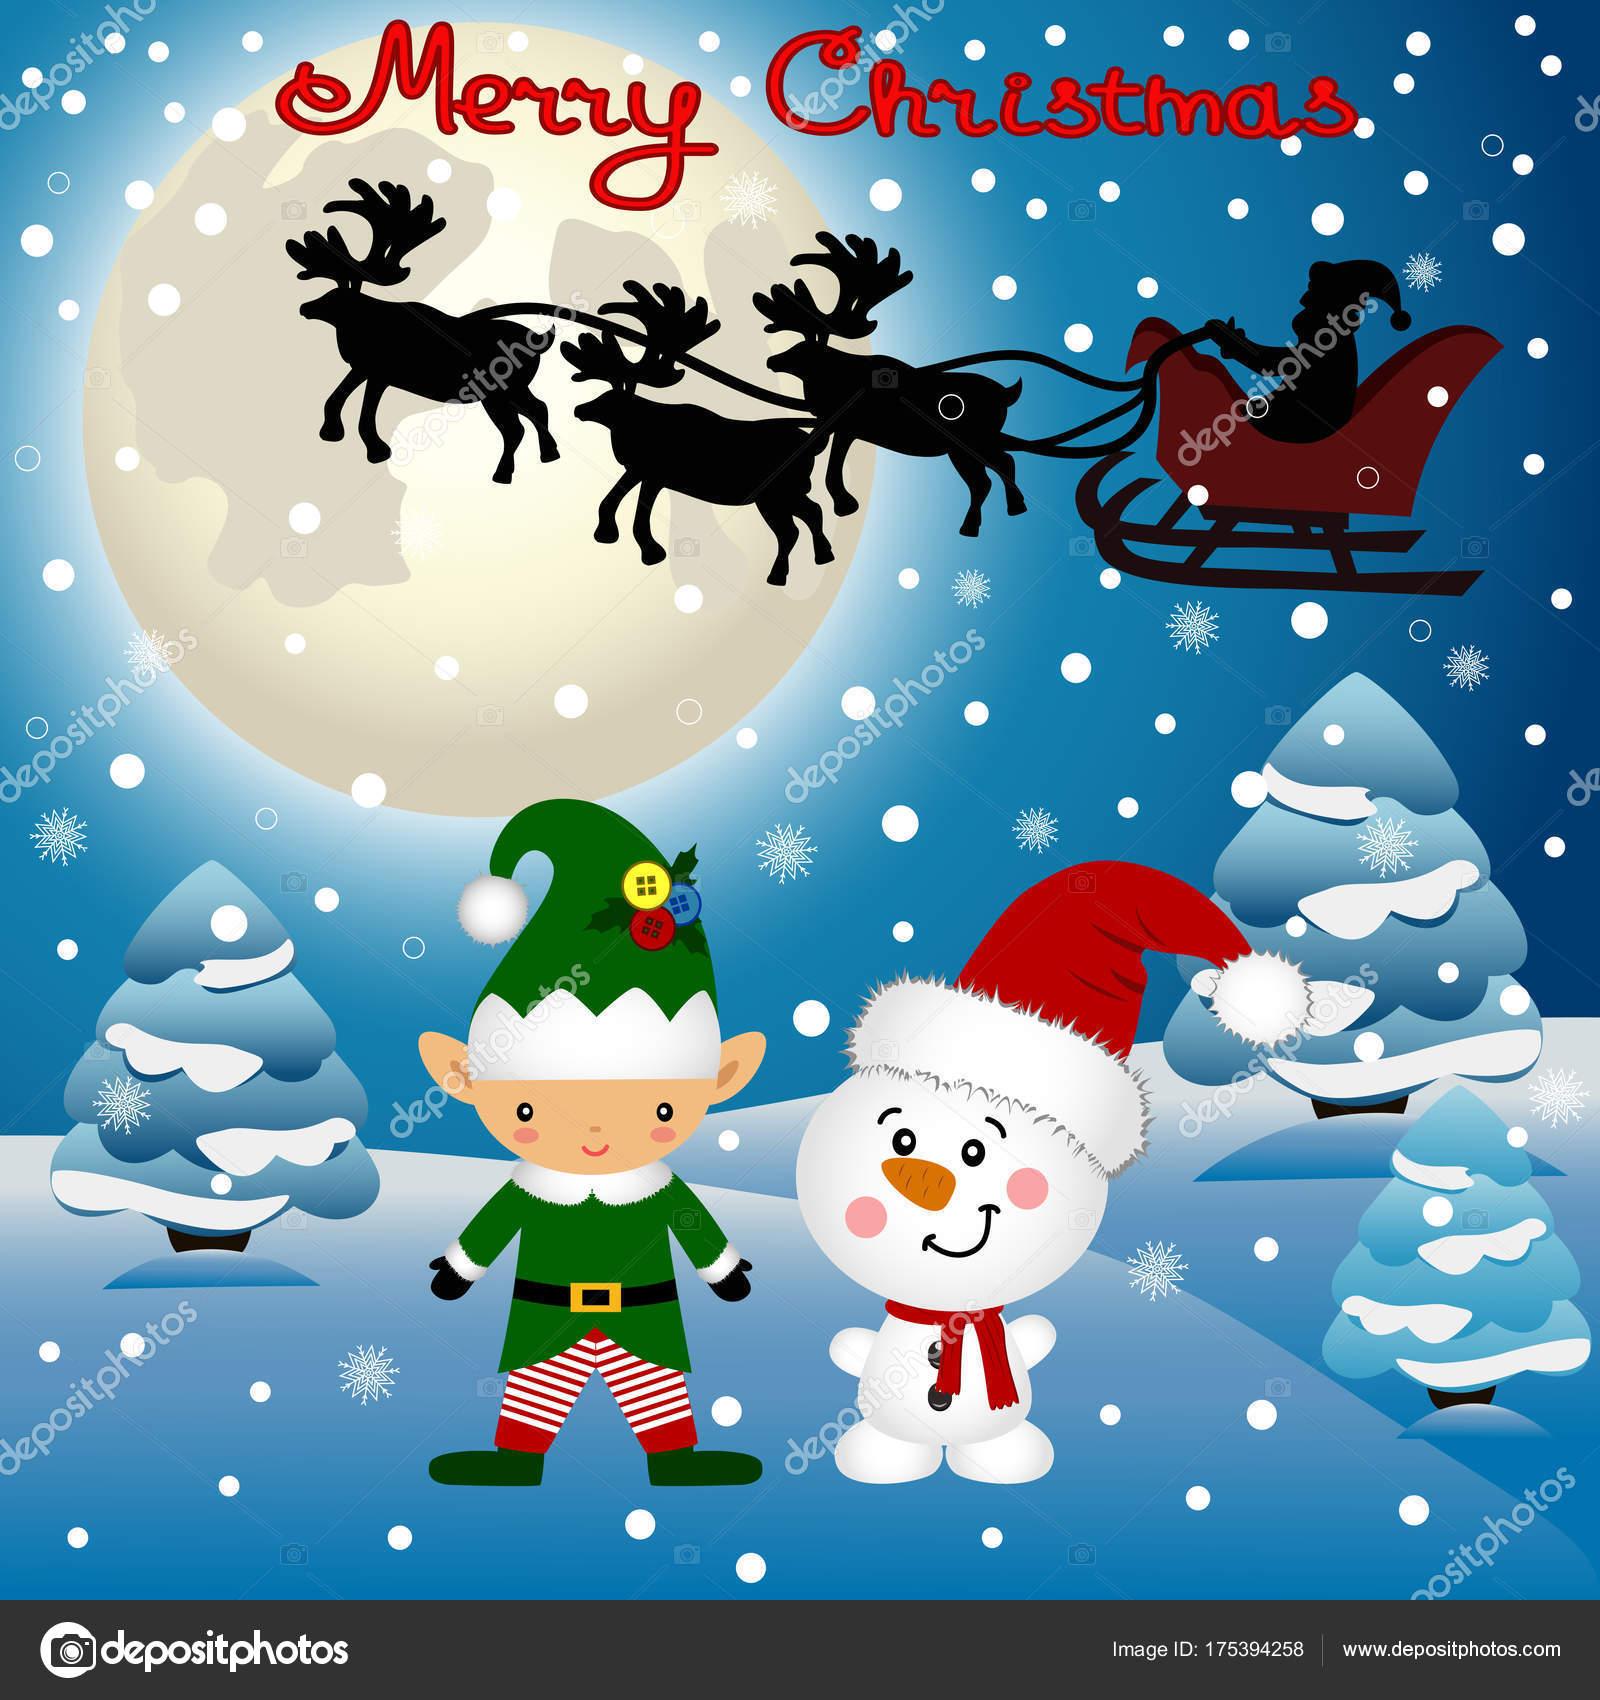 Felicitaciones Animadas De Navidad Divertidas.Postales Animadas De Navidad Divertidas Divertida Postal